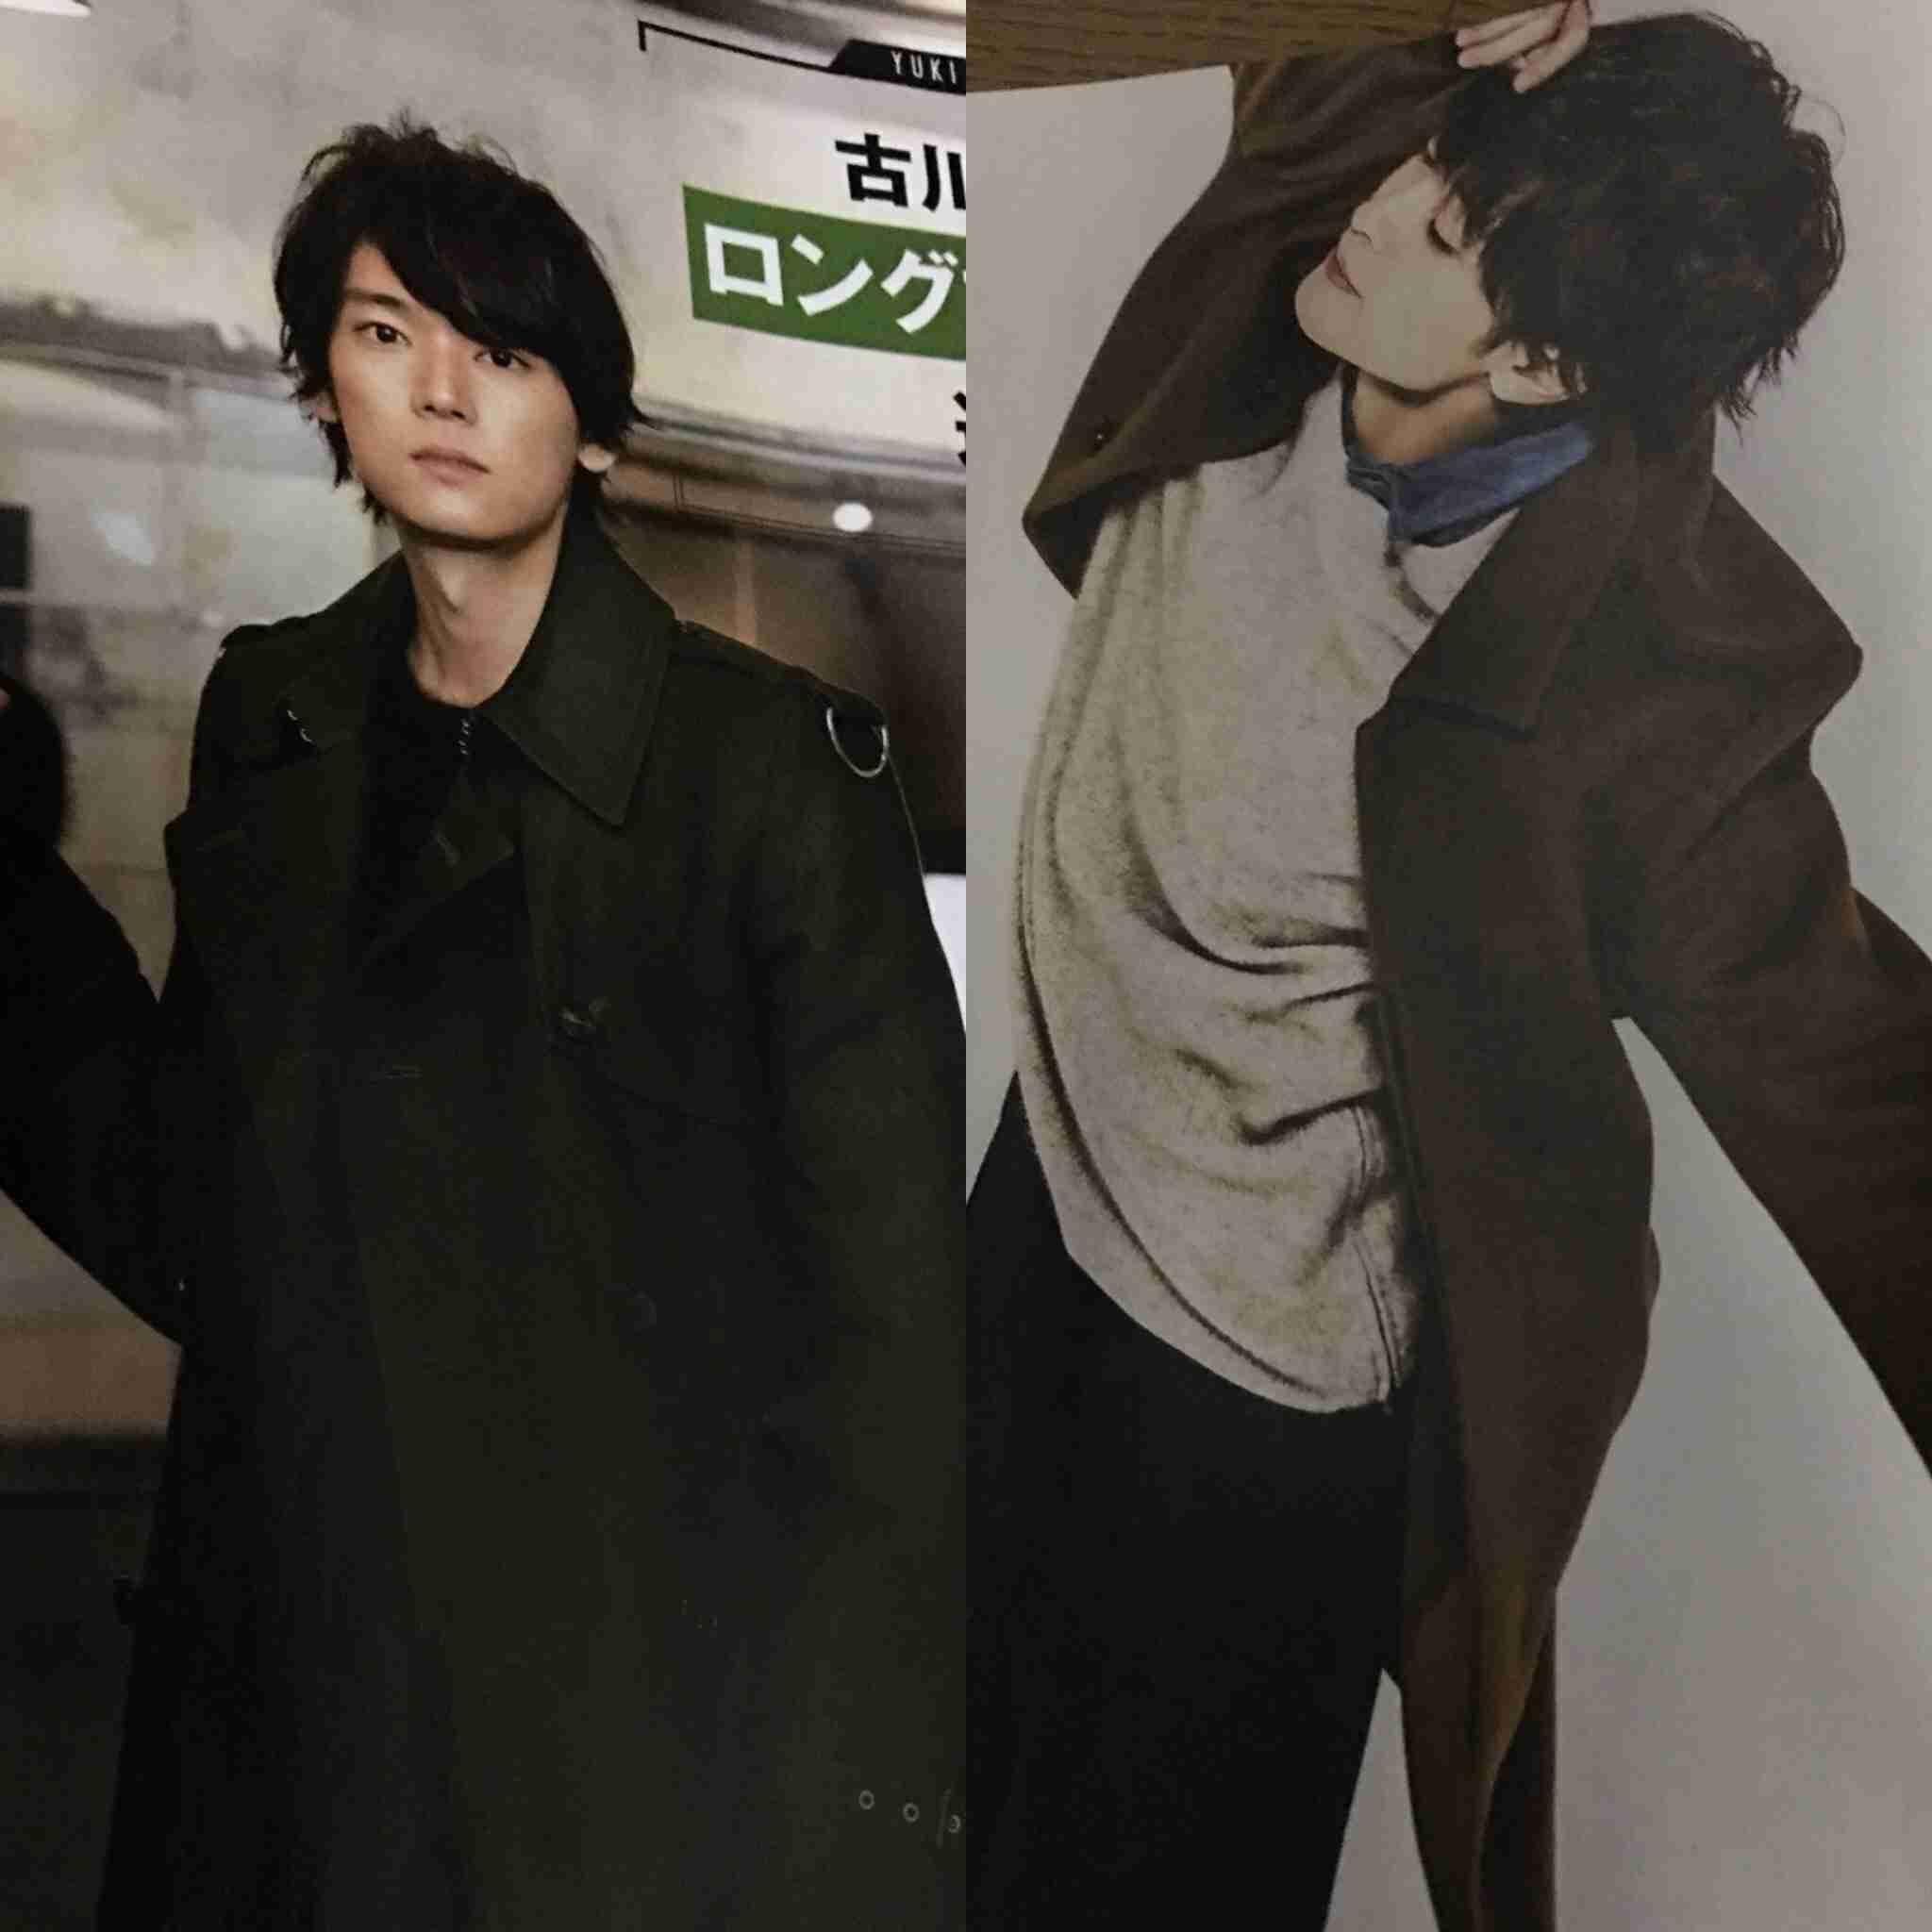 【実況・感想】重要参考人探偵 #3